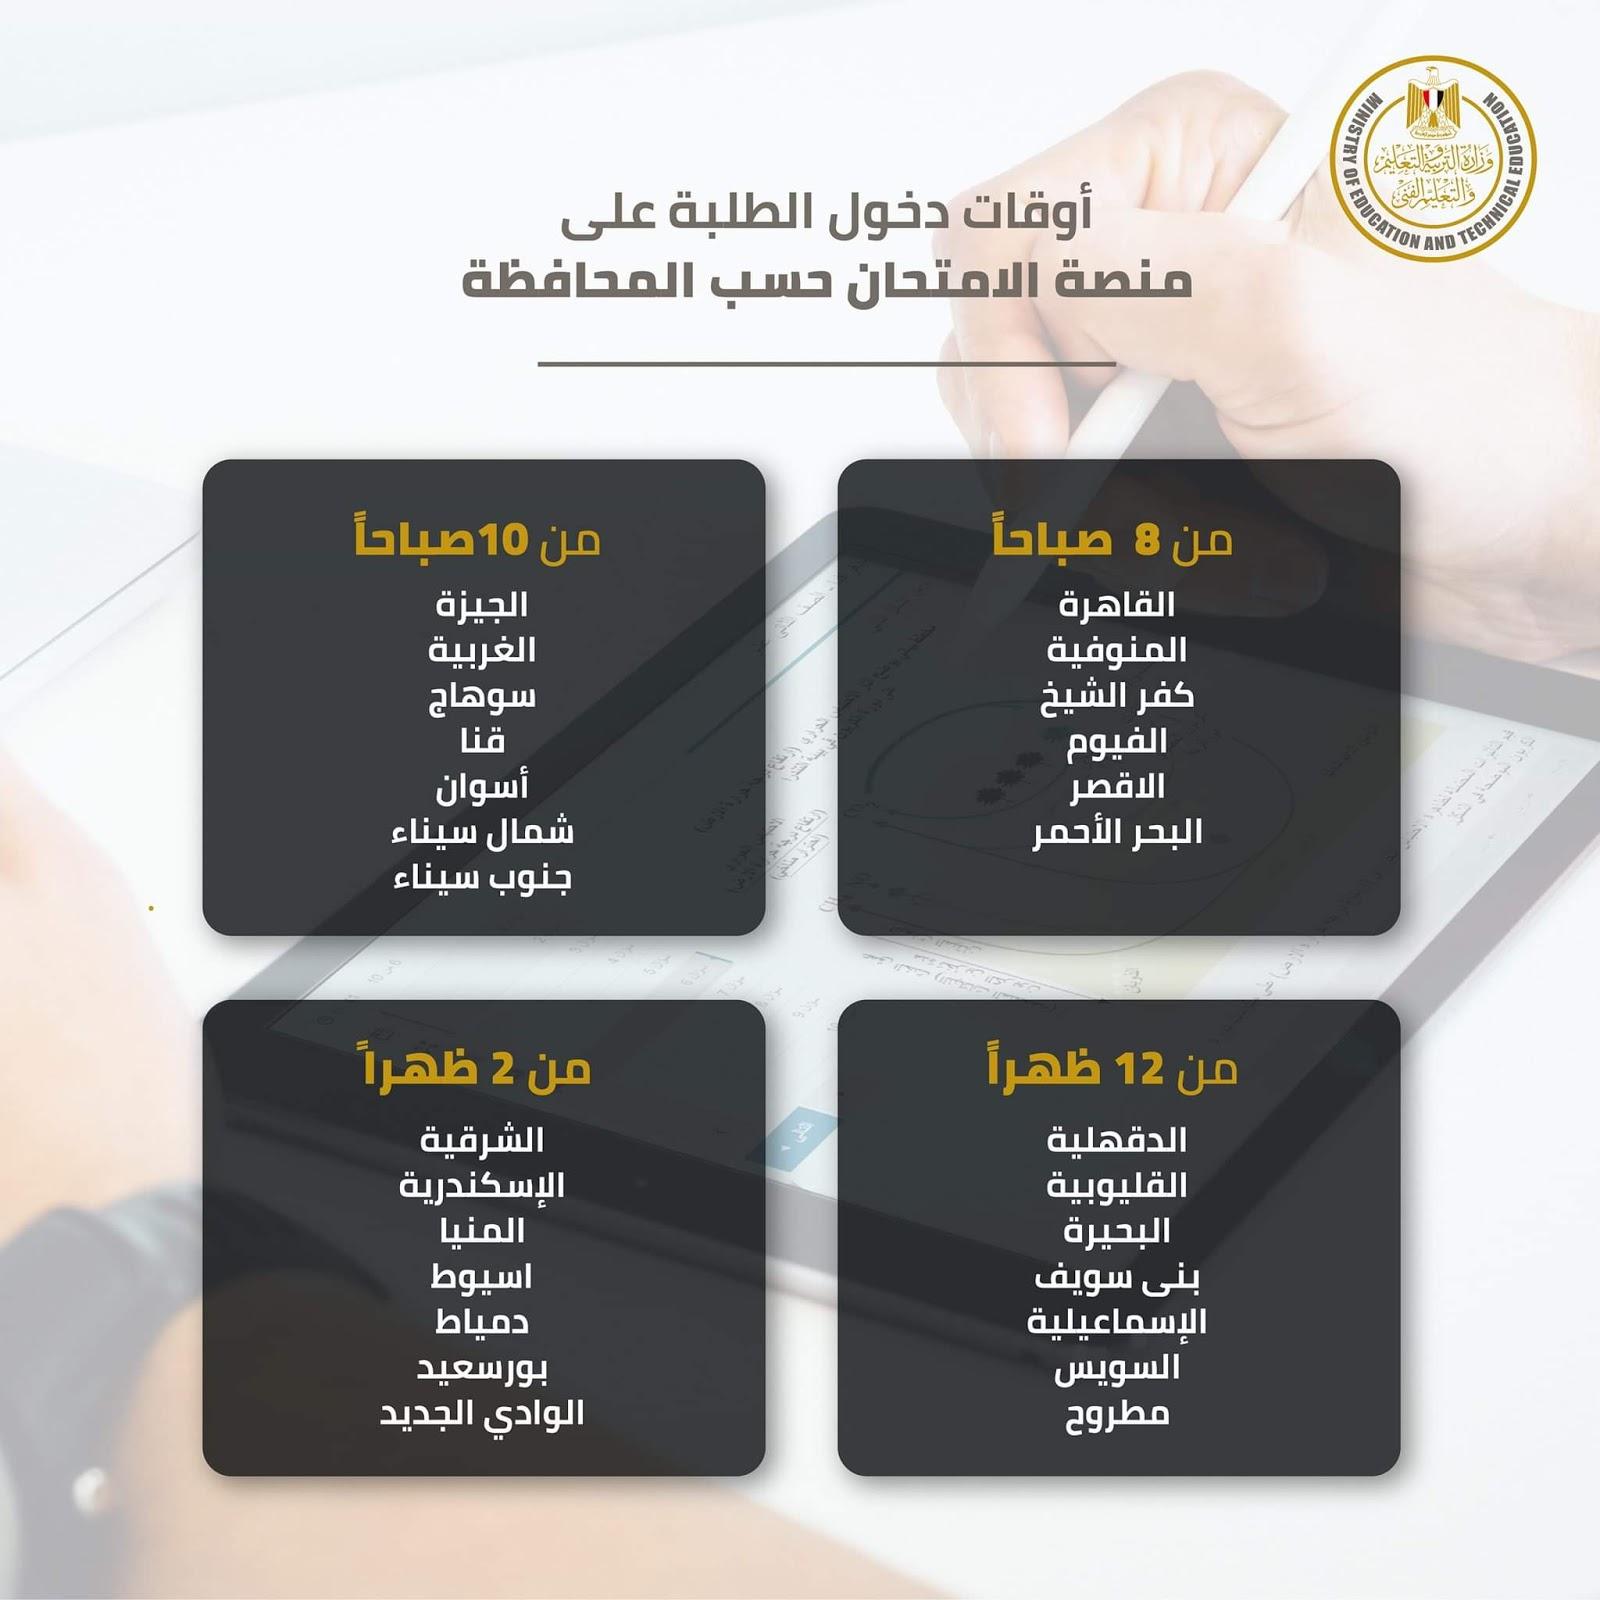 جدول الامتحان التجريبى للصف الأول الثانوي ابريل 2020 assessment.ekb.eg